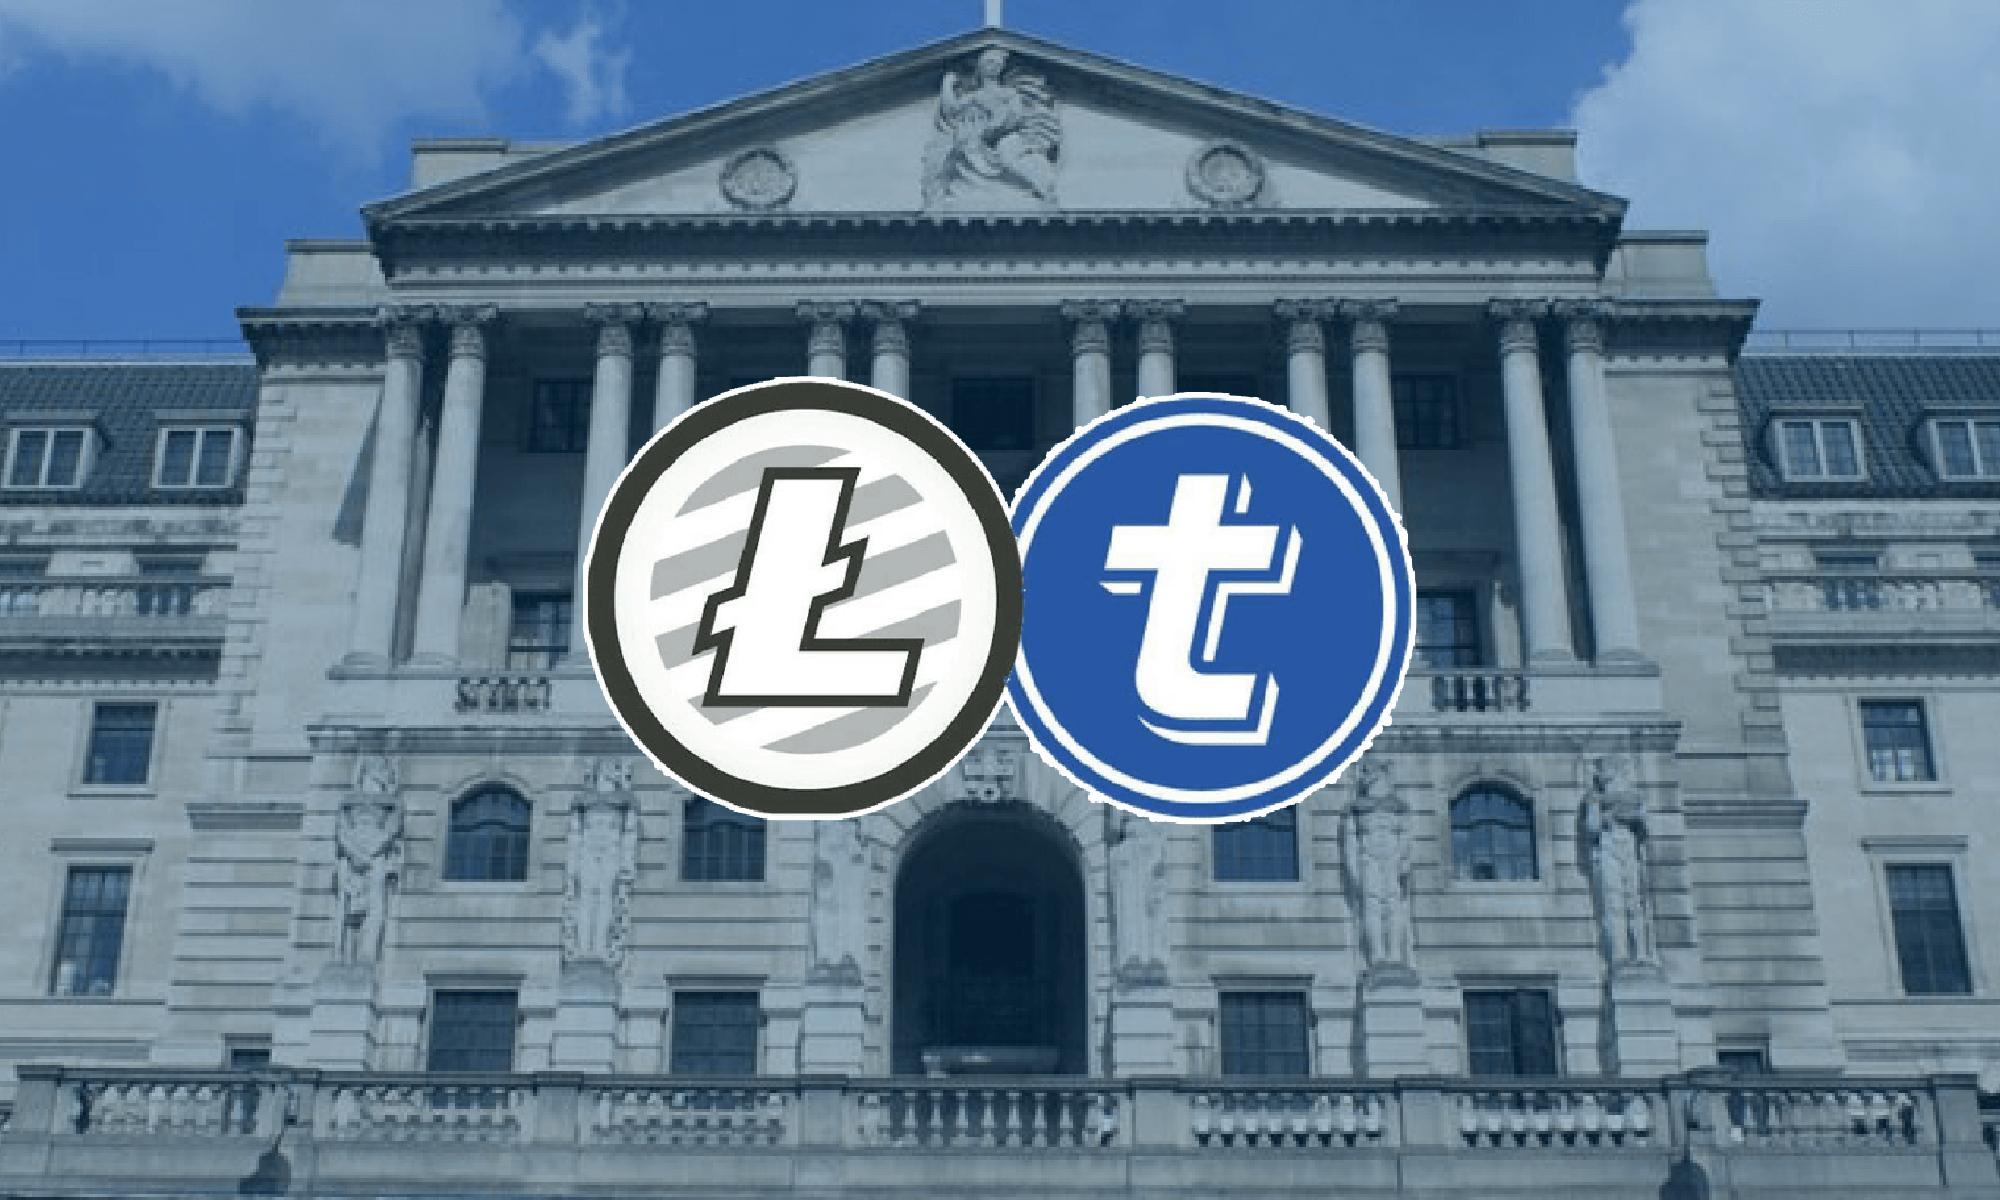 TokenPay & Litecoin Team Up, en kopen aandelen Duitse bank